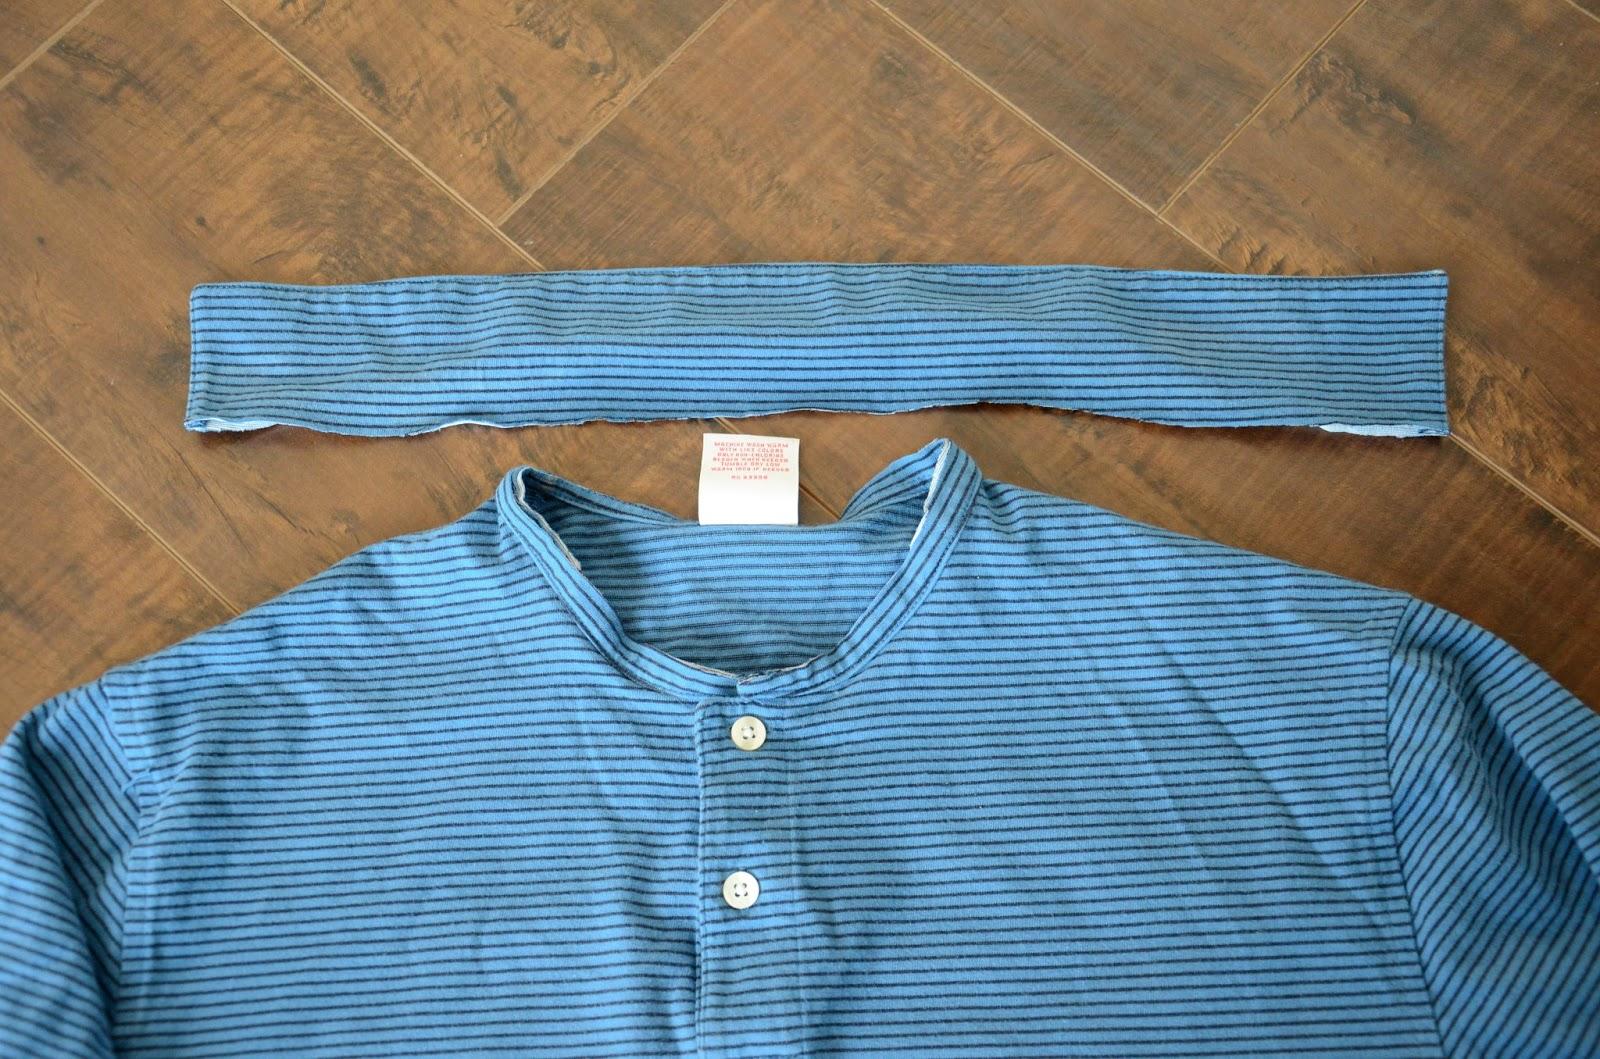 Polo Refashion 2 Tutorial Merricks Art Merricks Art